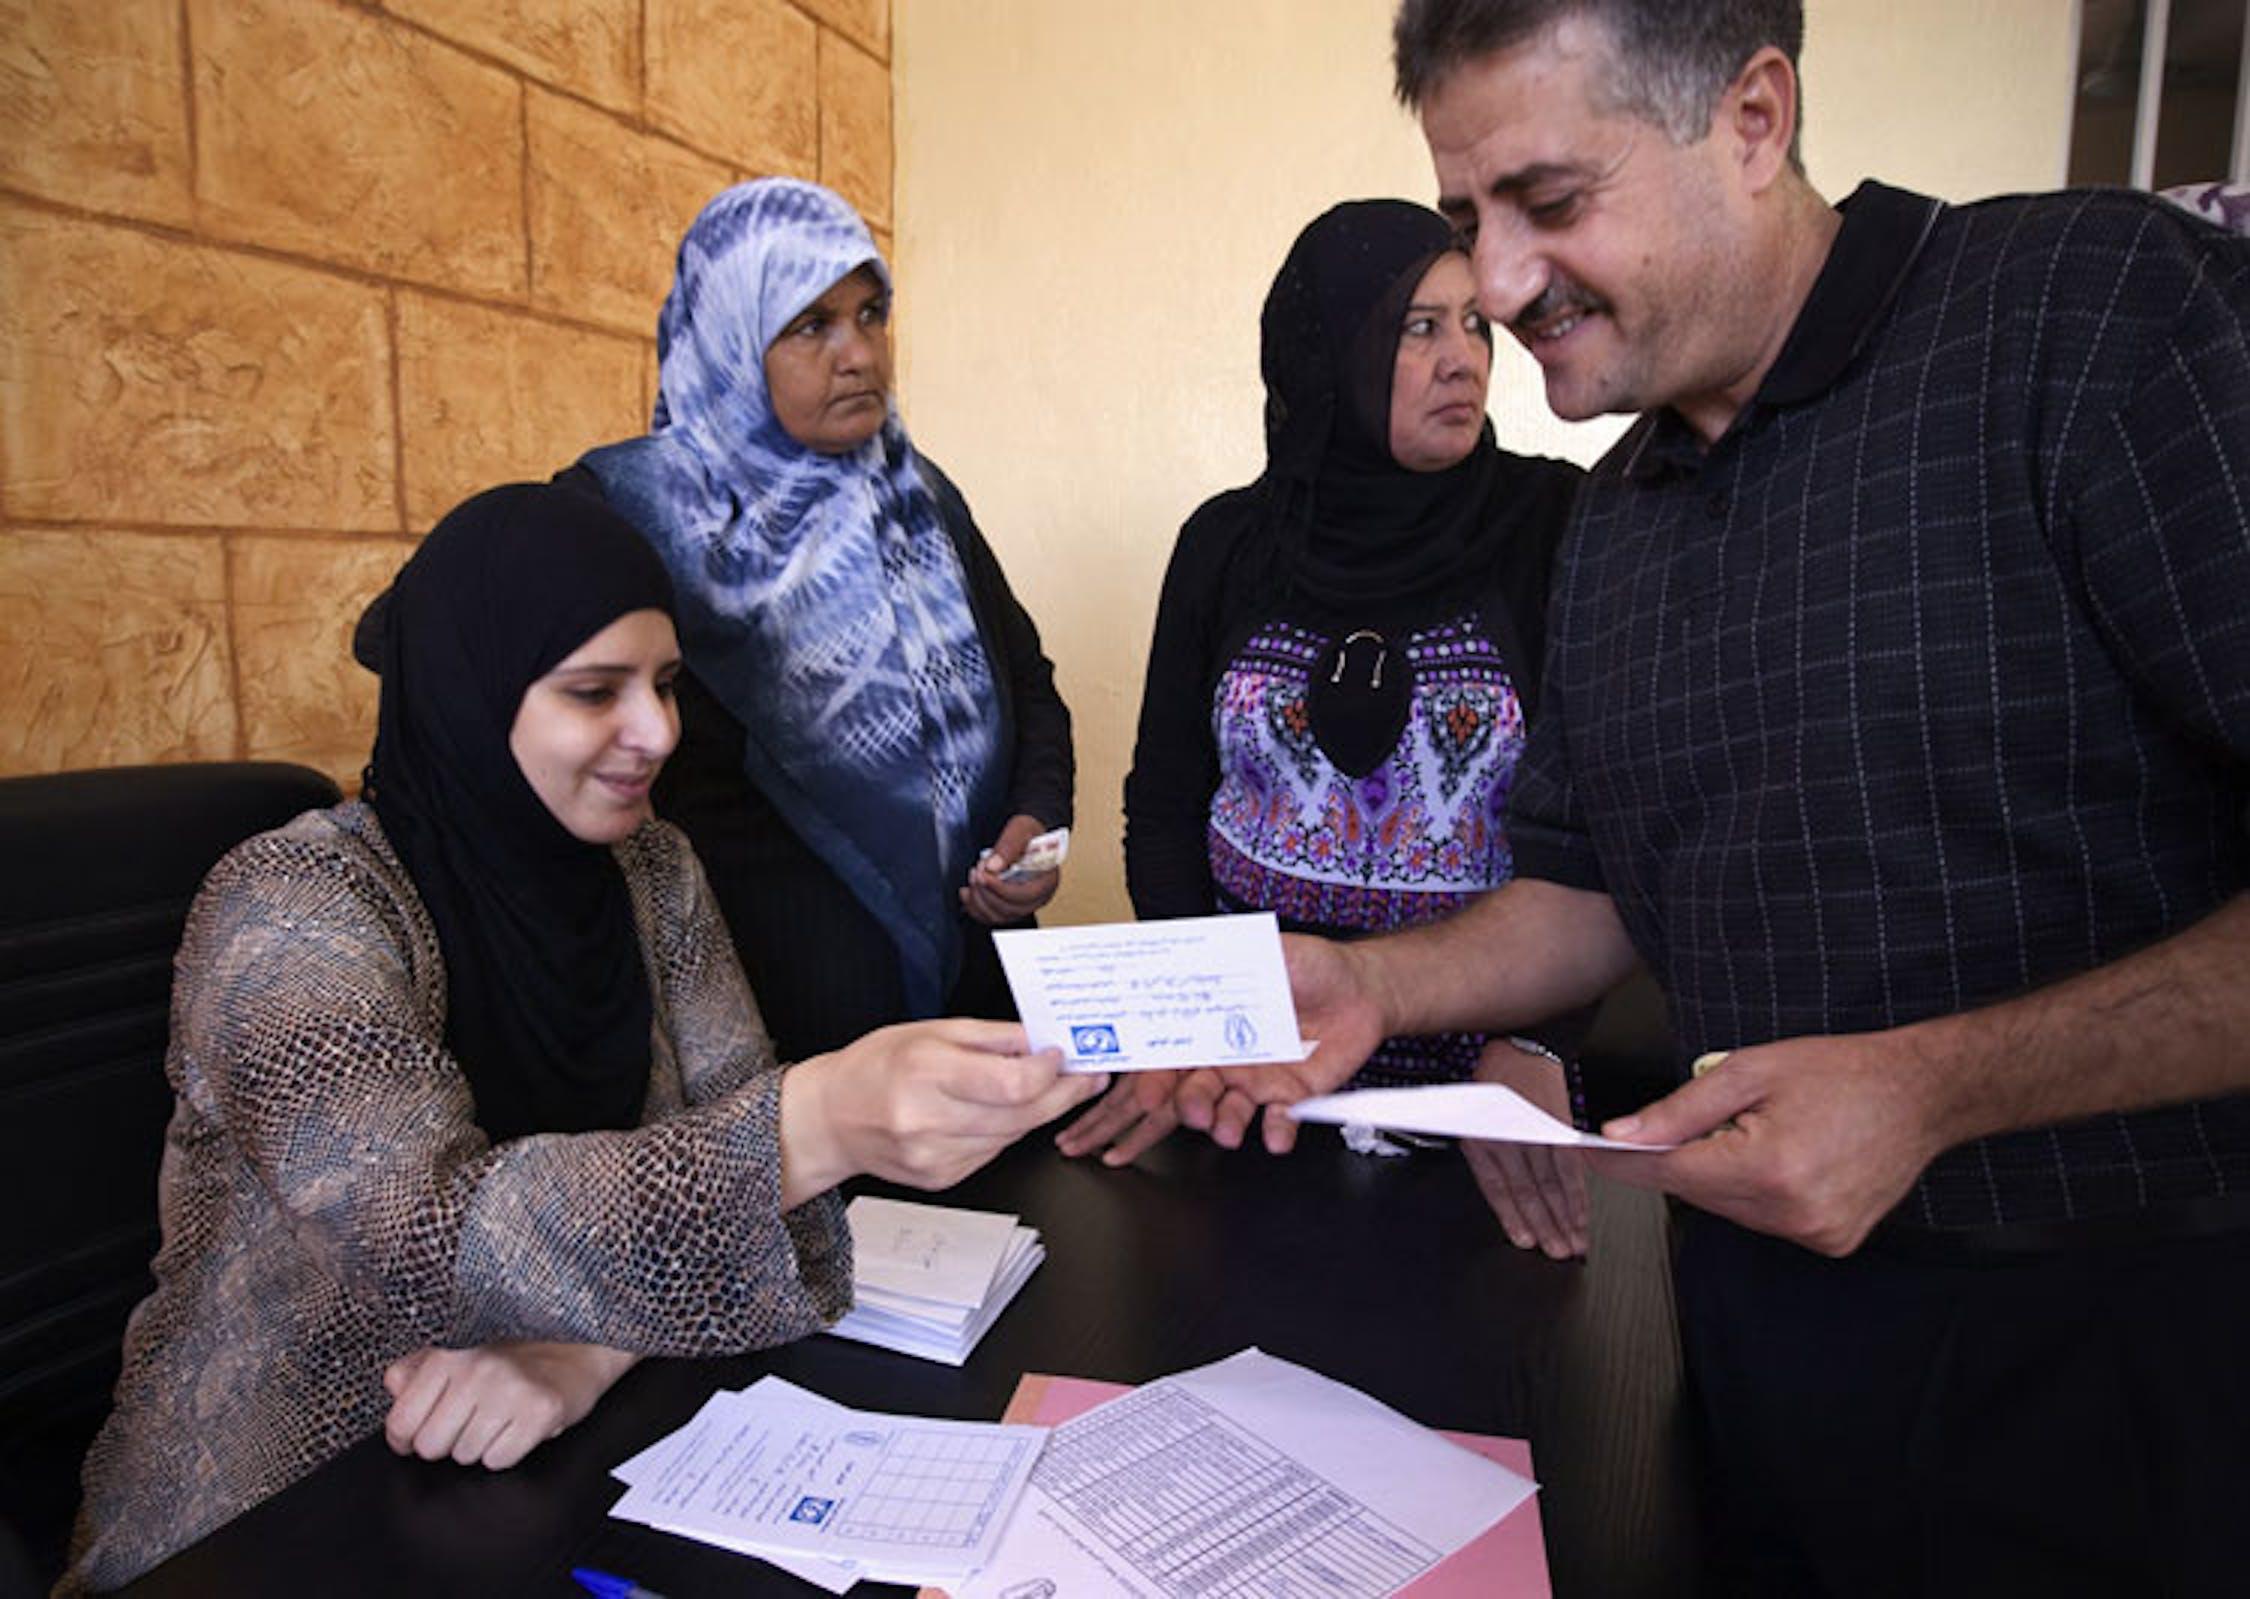 Un uomo riceve dei soldi in prestito da un gruppo di donne che gestiscono il programma di microcredito finanziato dall'UNICEF. ©Ada Lombardi/UNICEF Italia/2010